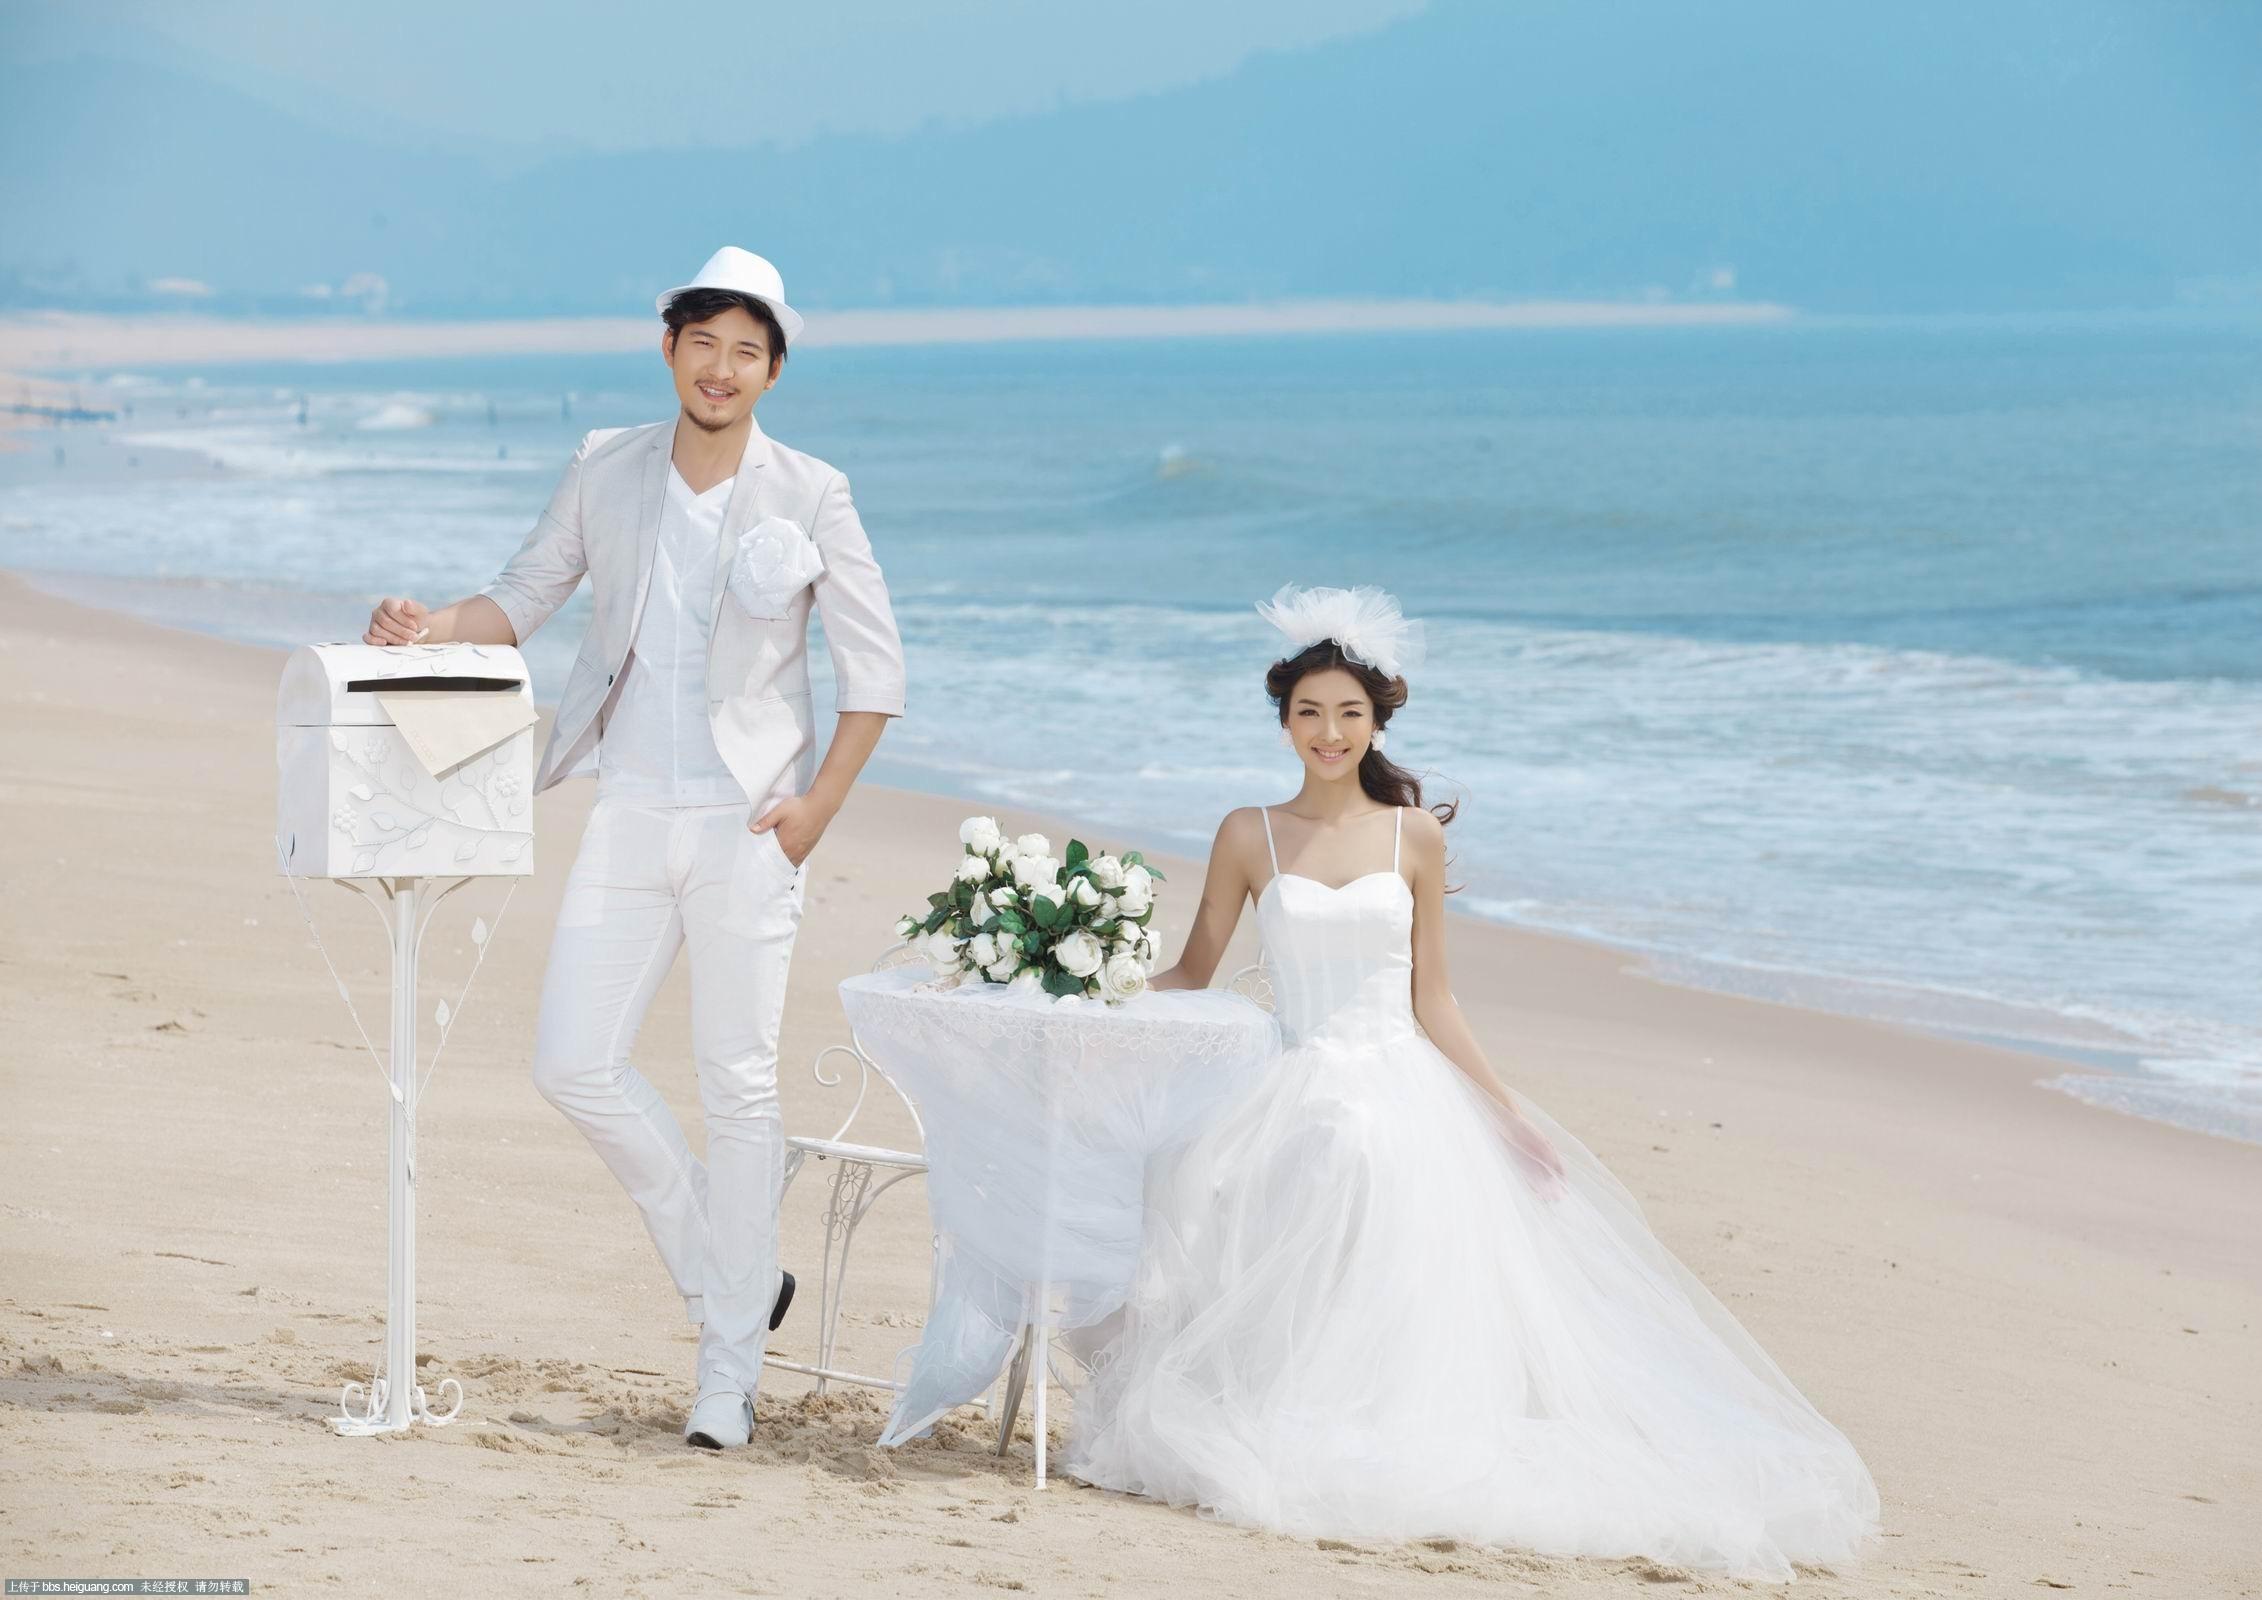 【青岛罗曼蒂克婚纱摄影】-海边